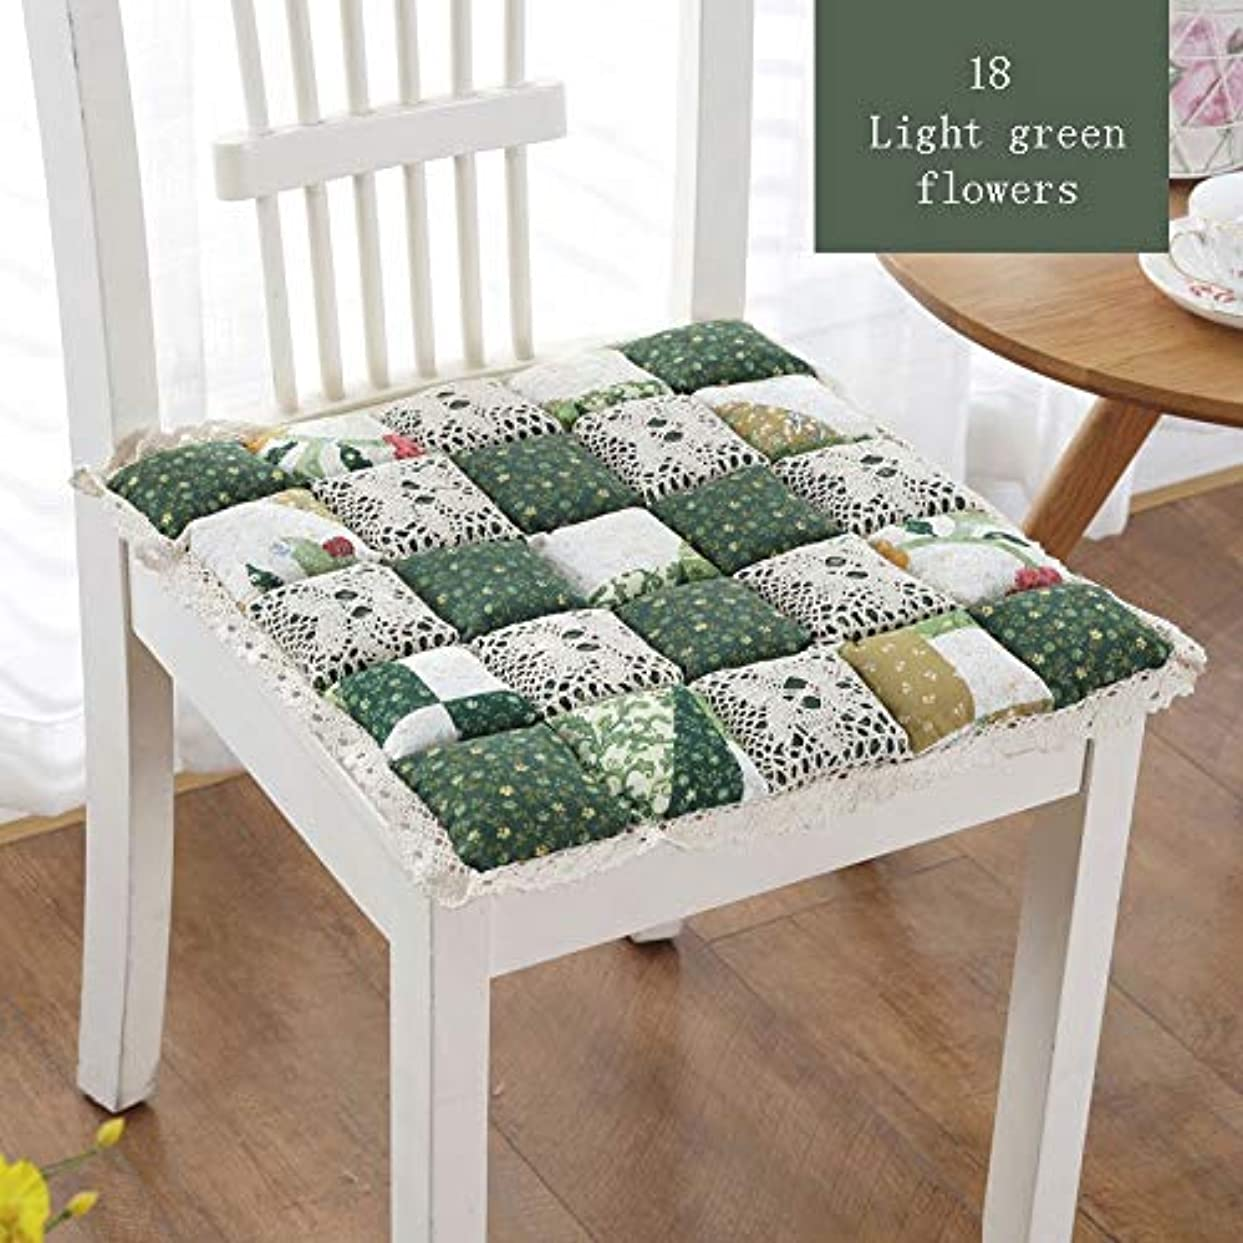 虫を数える稼ぐ難しいLIFE 1 個抗褥瘡綿椅子クッション 24 色ファッションオフィス正方形クッション学生チェアクッション家の装飾厚み クッション 椅子